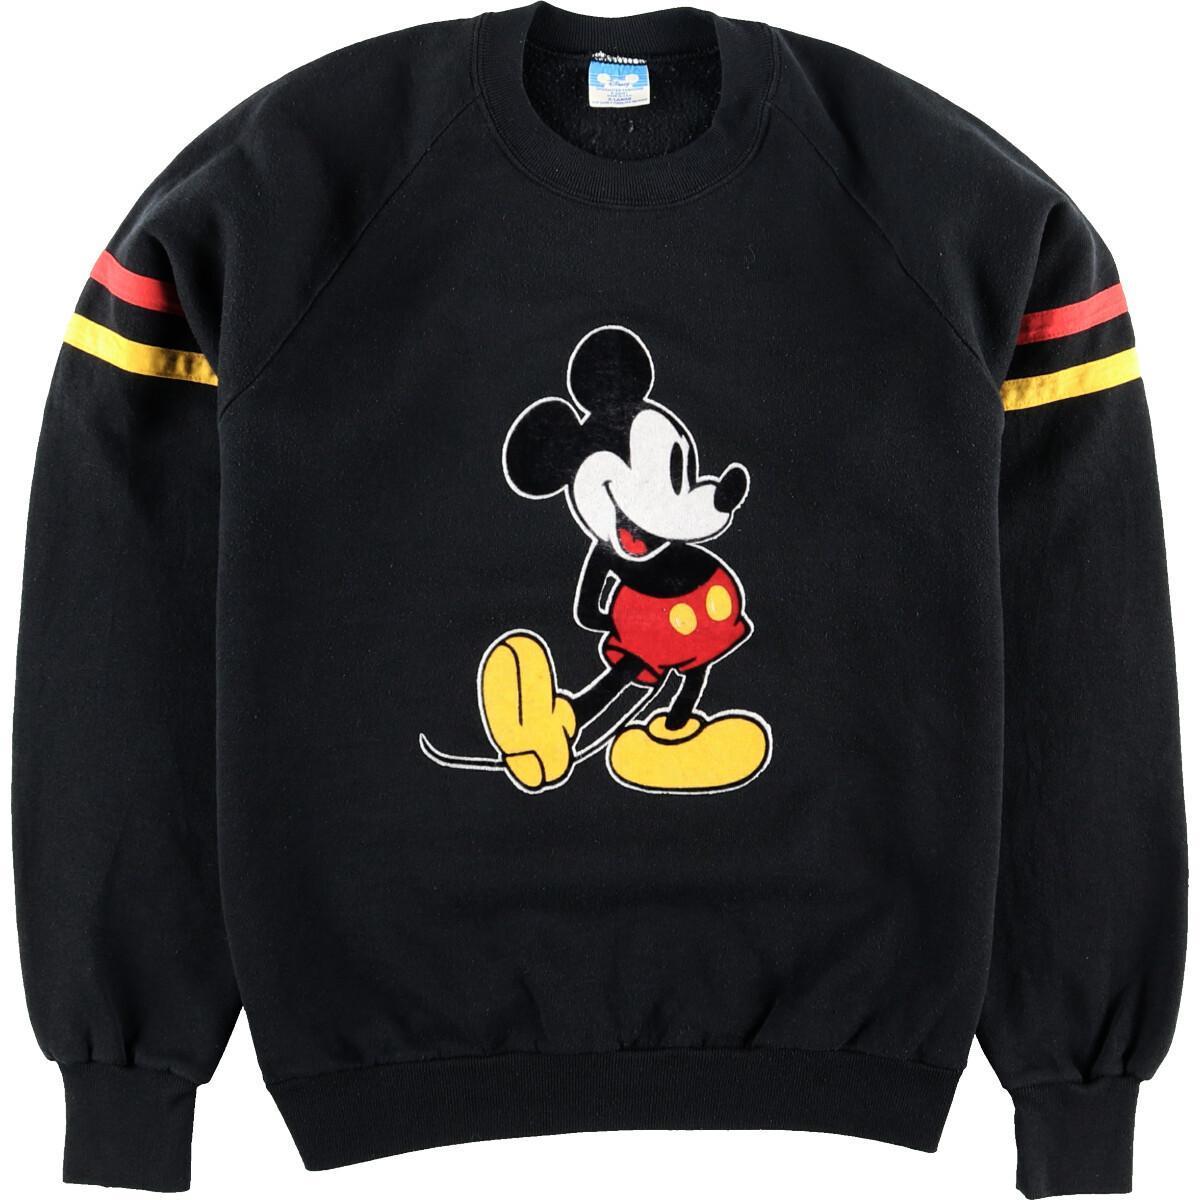 80年代 DISNEY CHARACTER FASHIONS MICKEY MOUSE ミッキーマウス フロッキープリント キャラクタースウェットシャツ トレーナー USA製 レディースM ヴィンテージeaa003253200127OXuPTkiZ